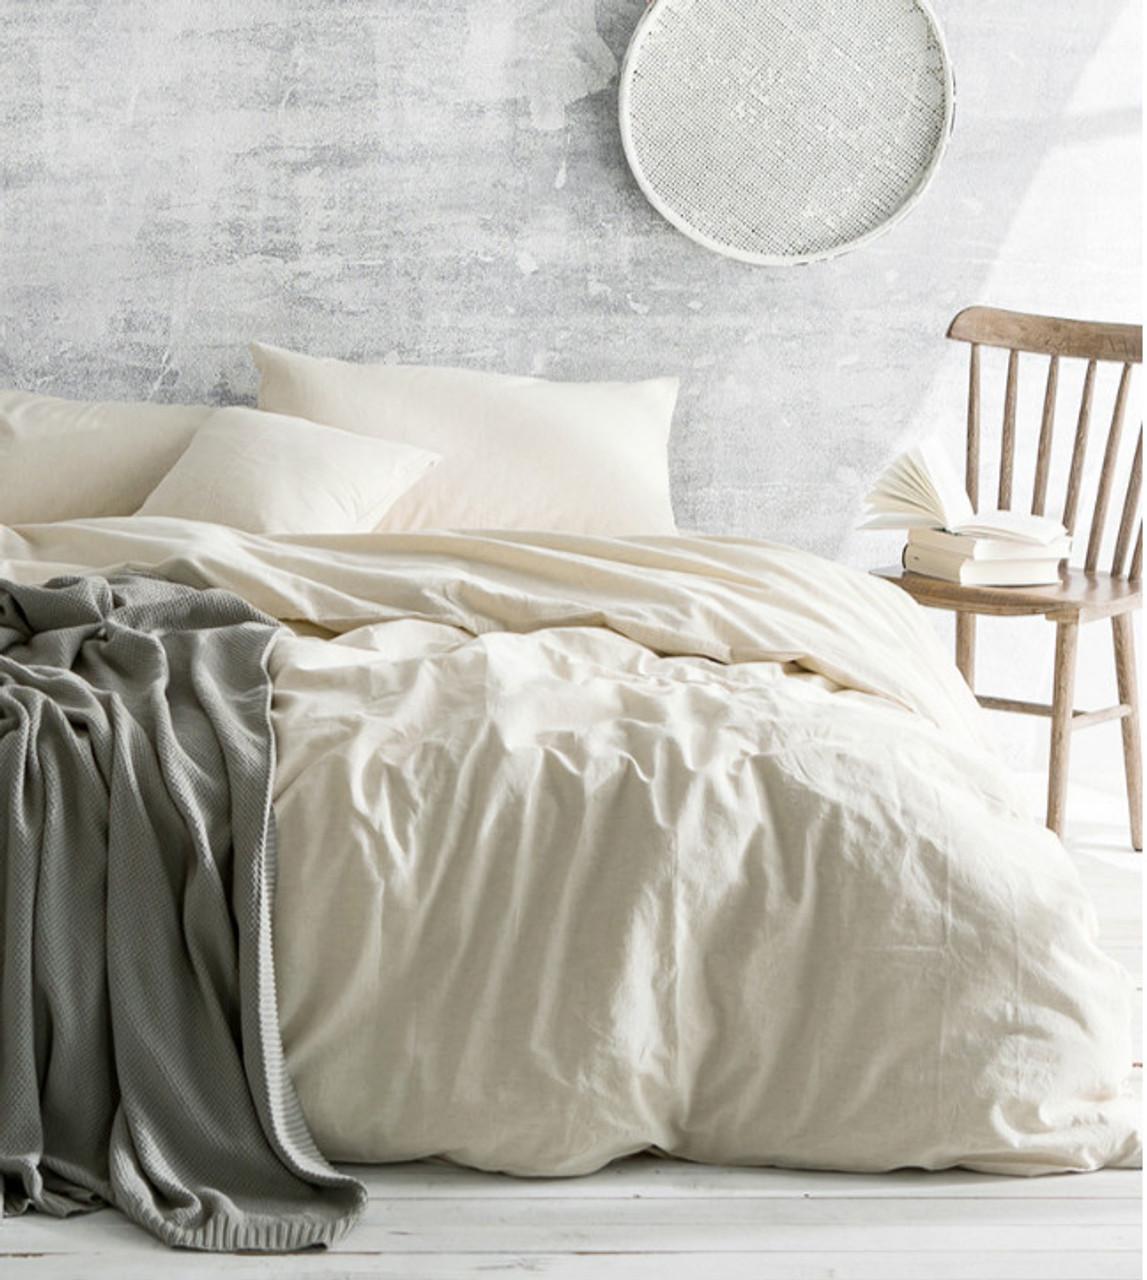 Ivory Cream Duvet Cover, 100% Linen Bedding